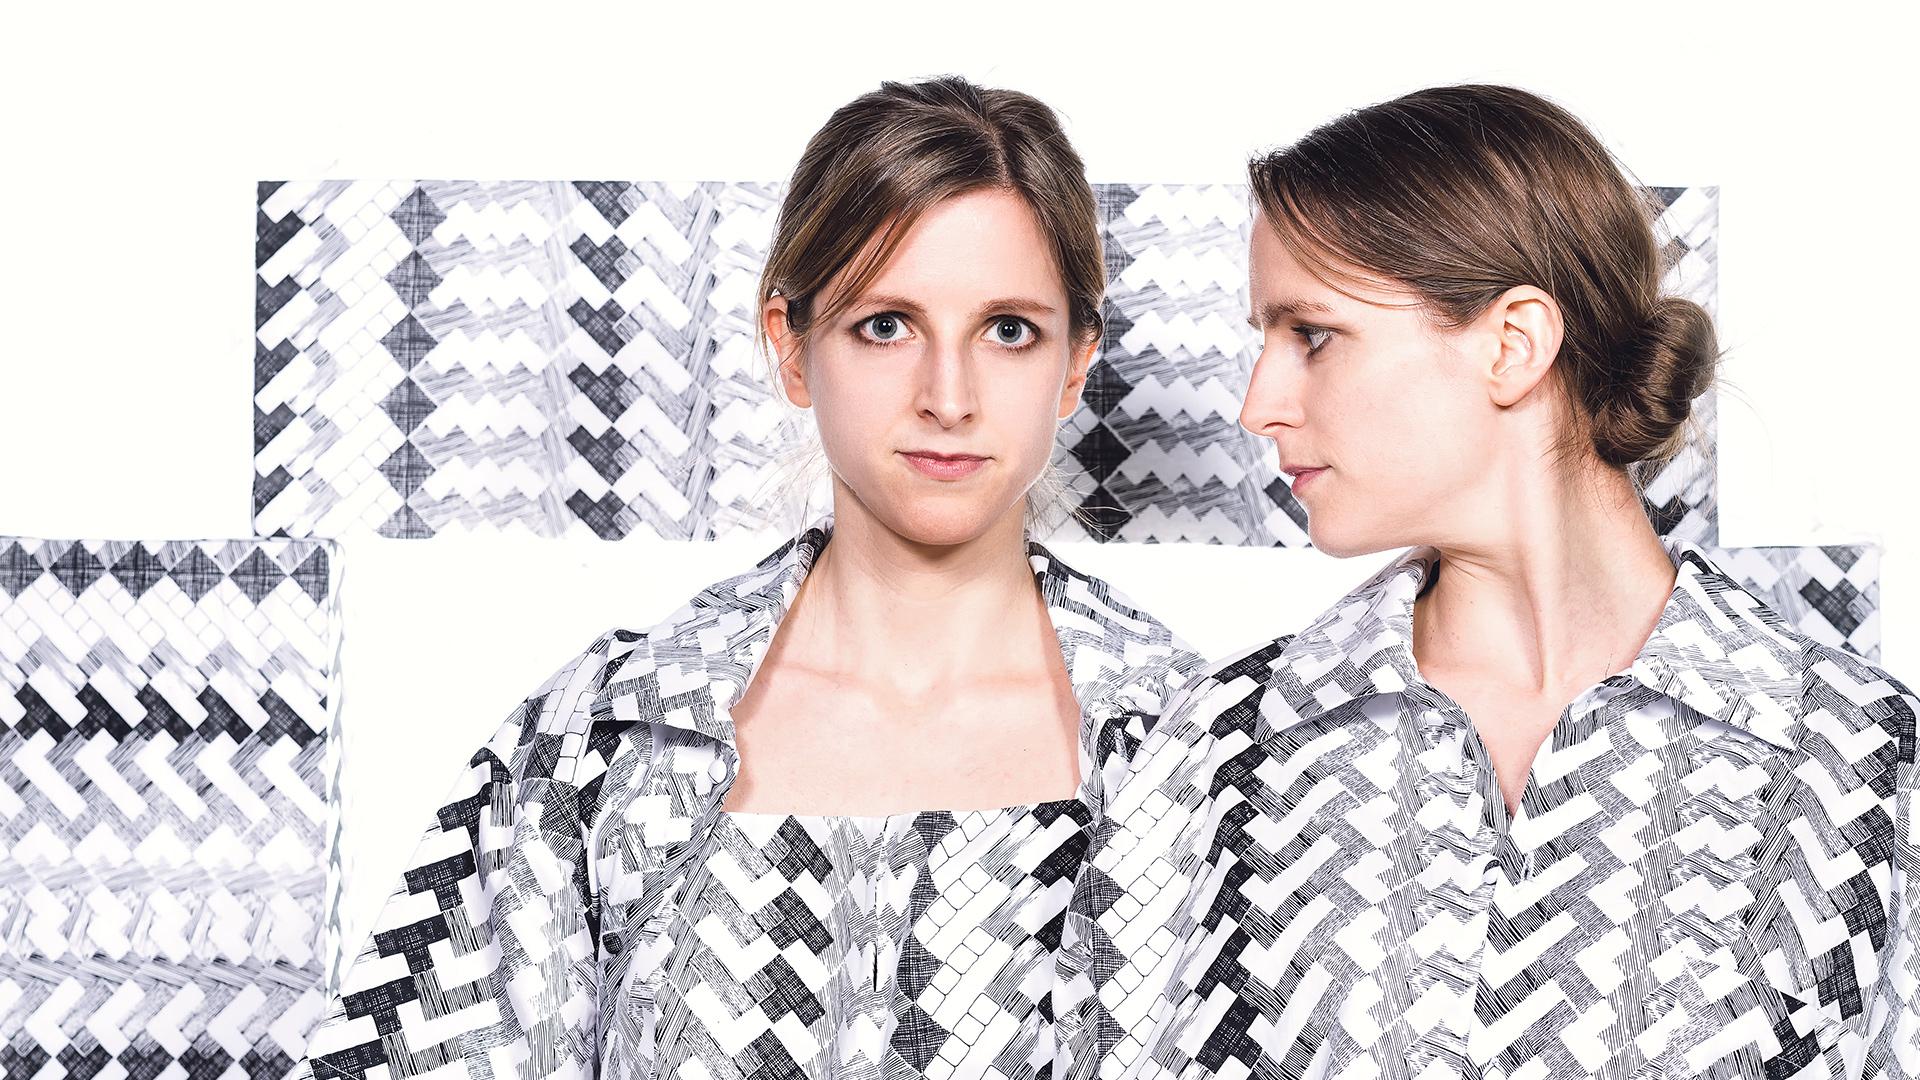 Zwei junge Frauen mit grau gemusterten kleid